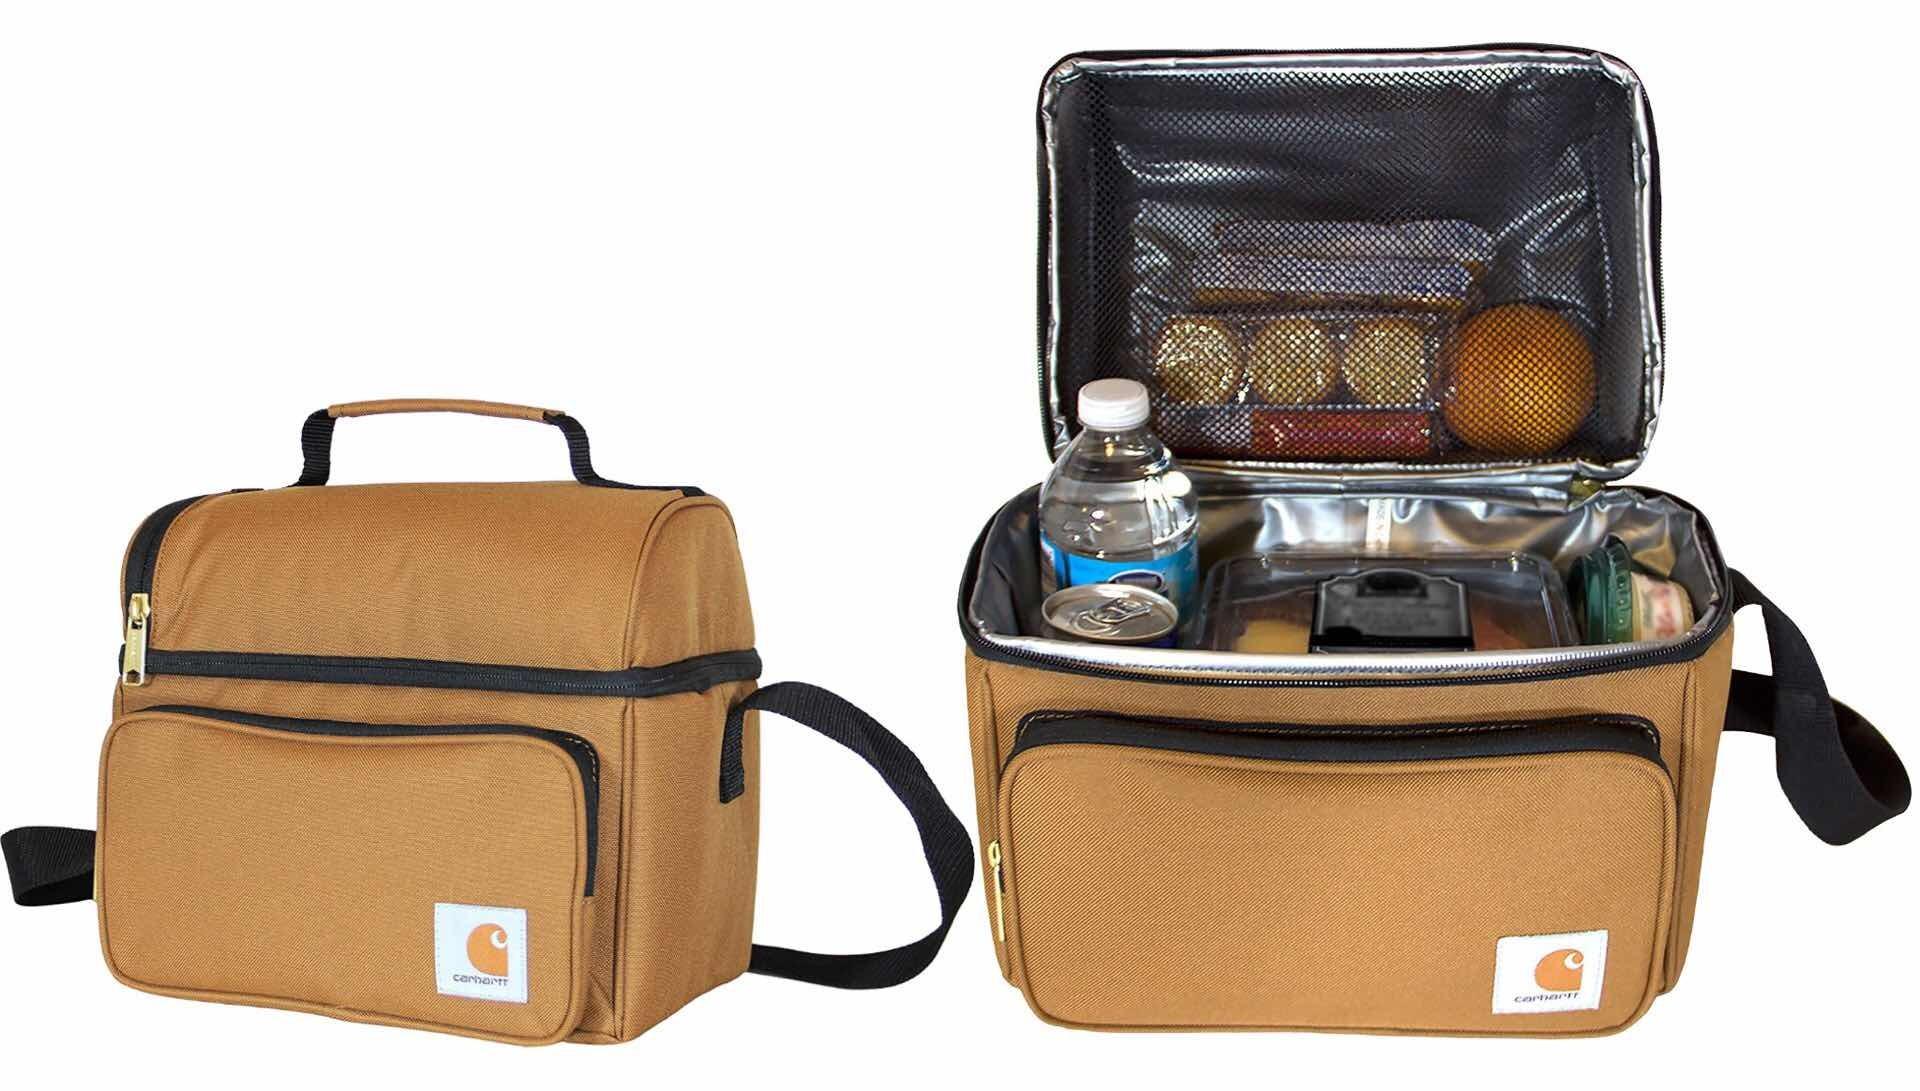 Carhartt Deluxe Lunch Cooler. ($25)